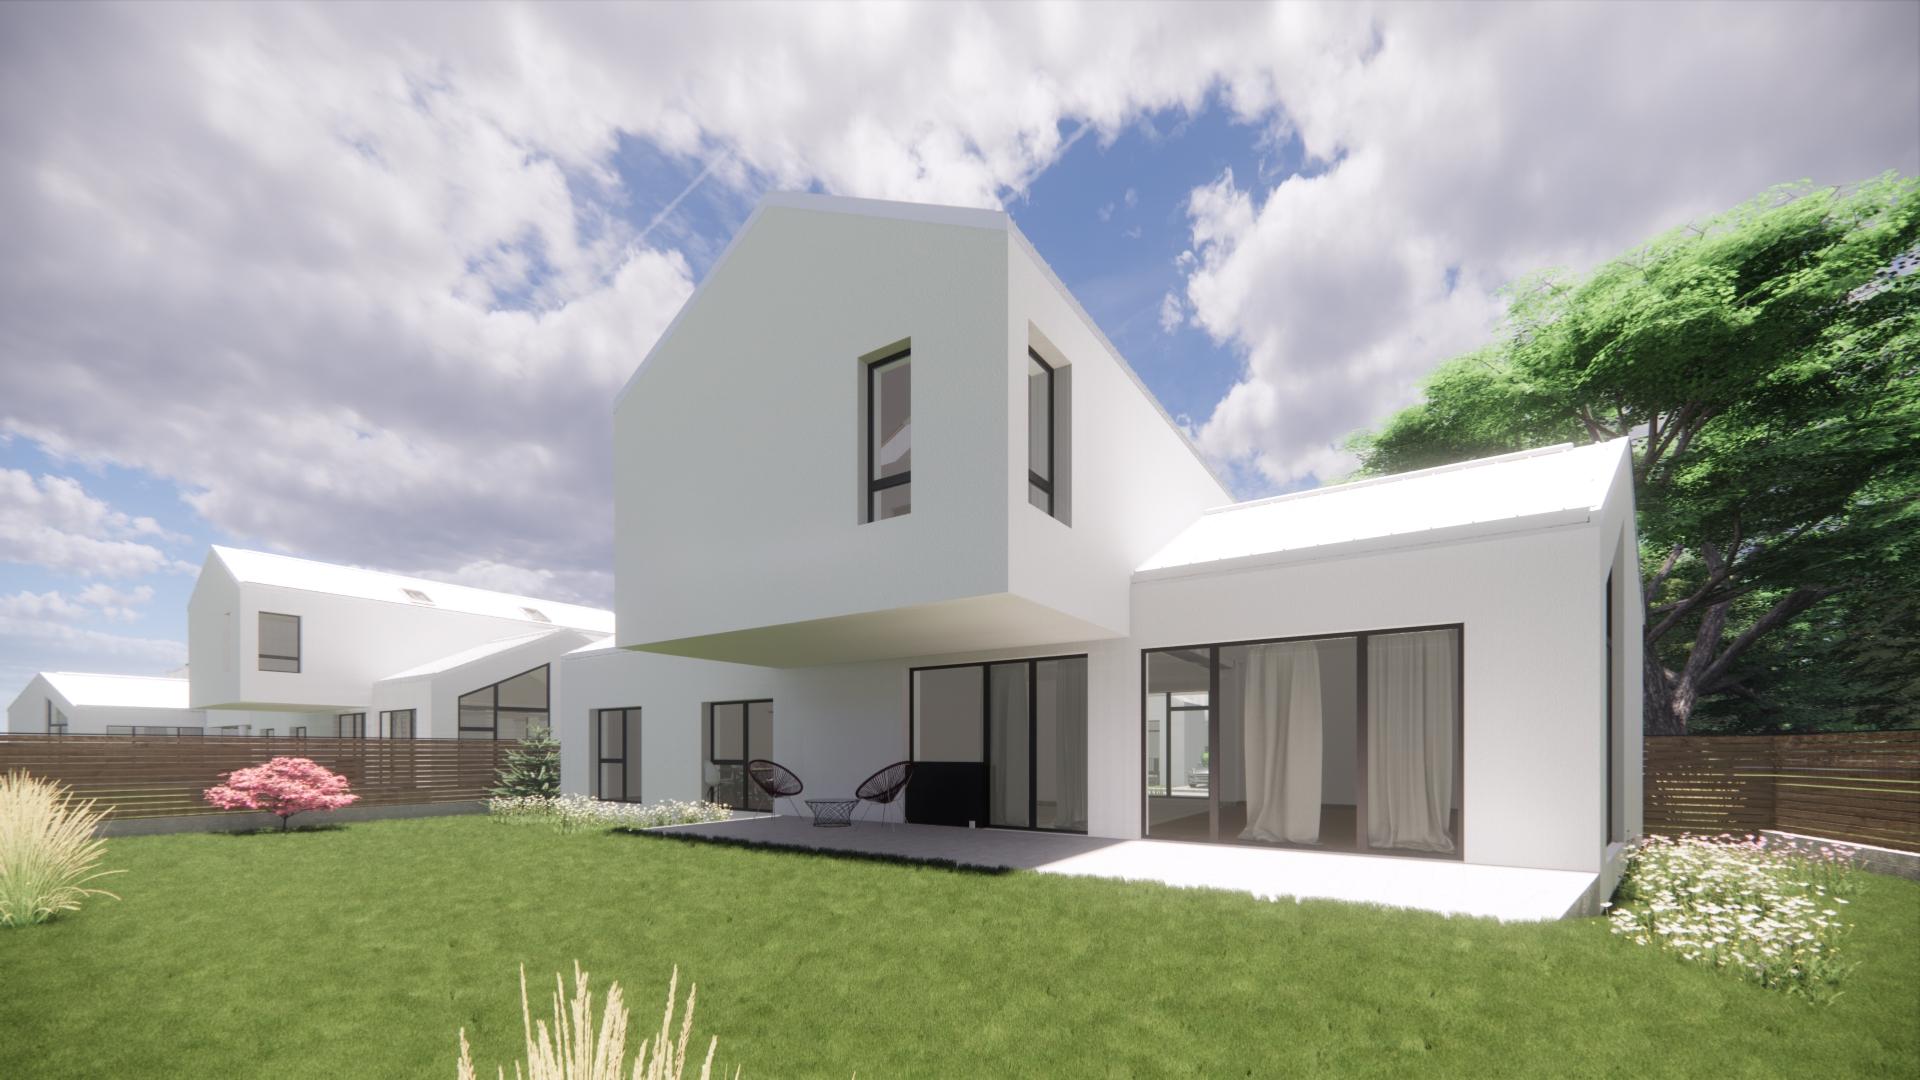 https://nbc-arhitect.ro/wp-content/uploads/2021/02/Balta-Alba-Corbeanca-5.jpg